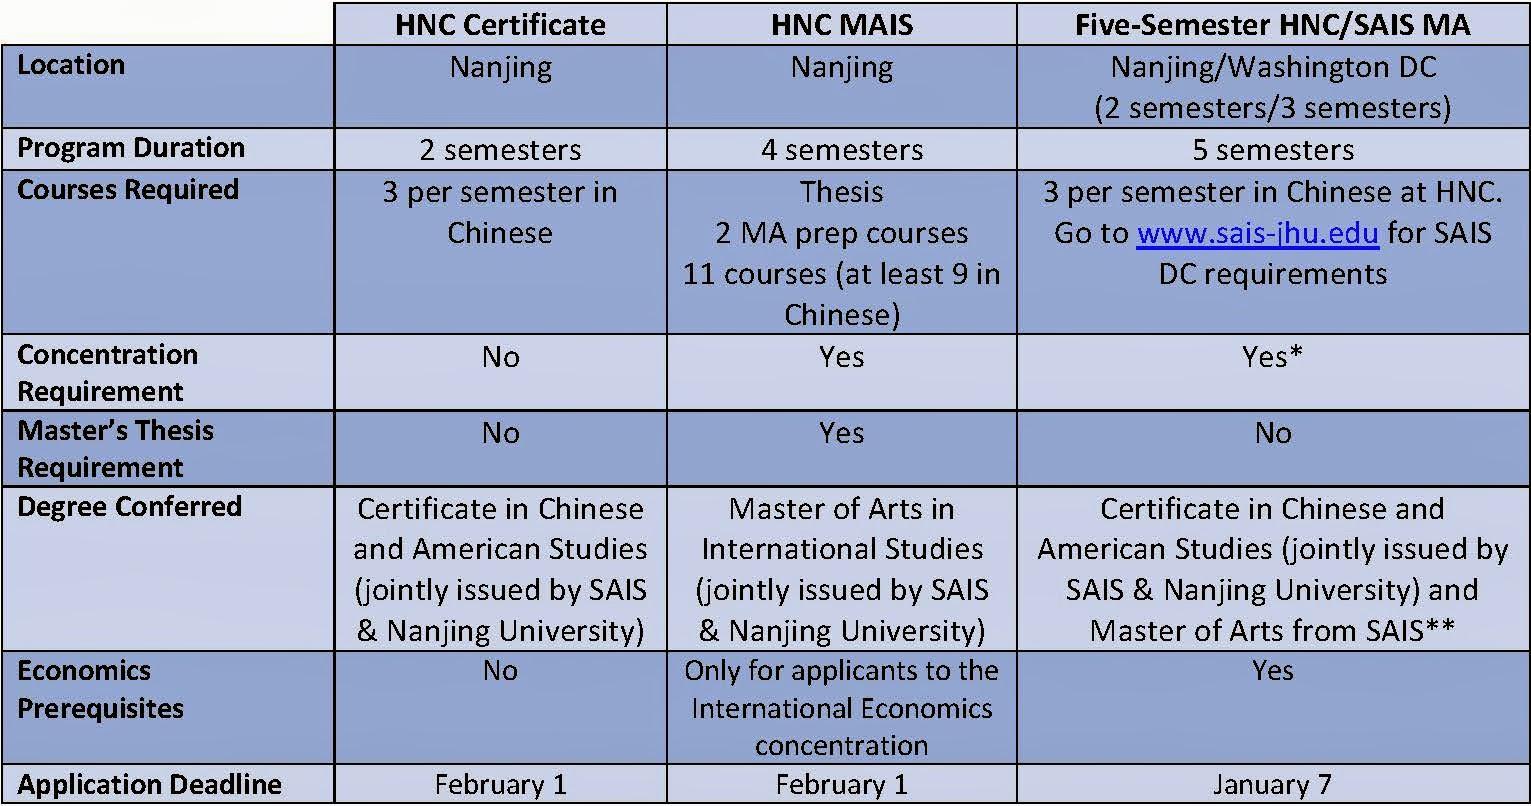 Hopkins-Nanjing Center Blog: The Best HNC Program for You